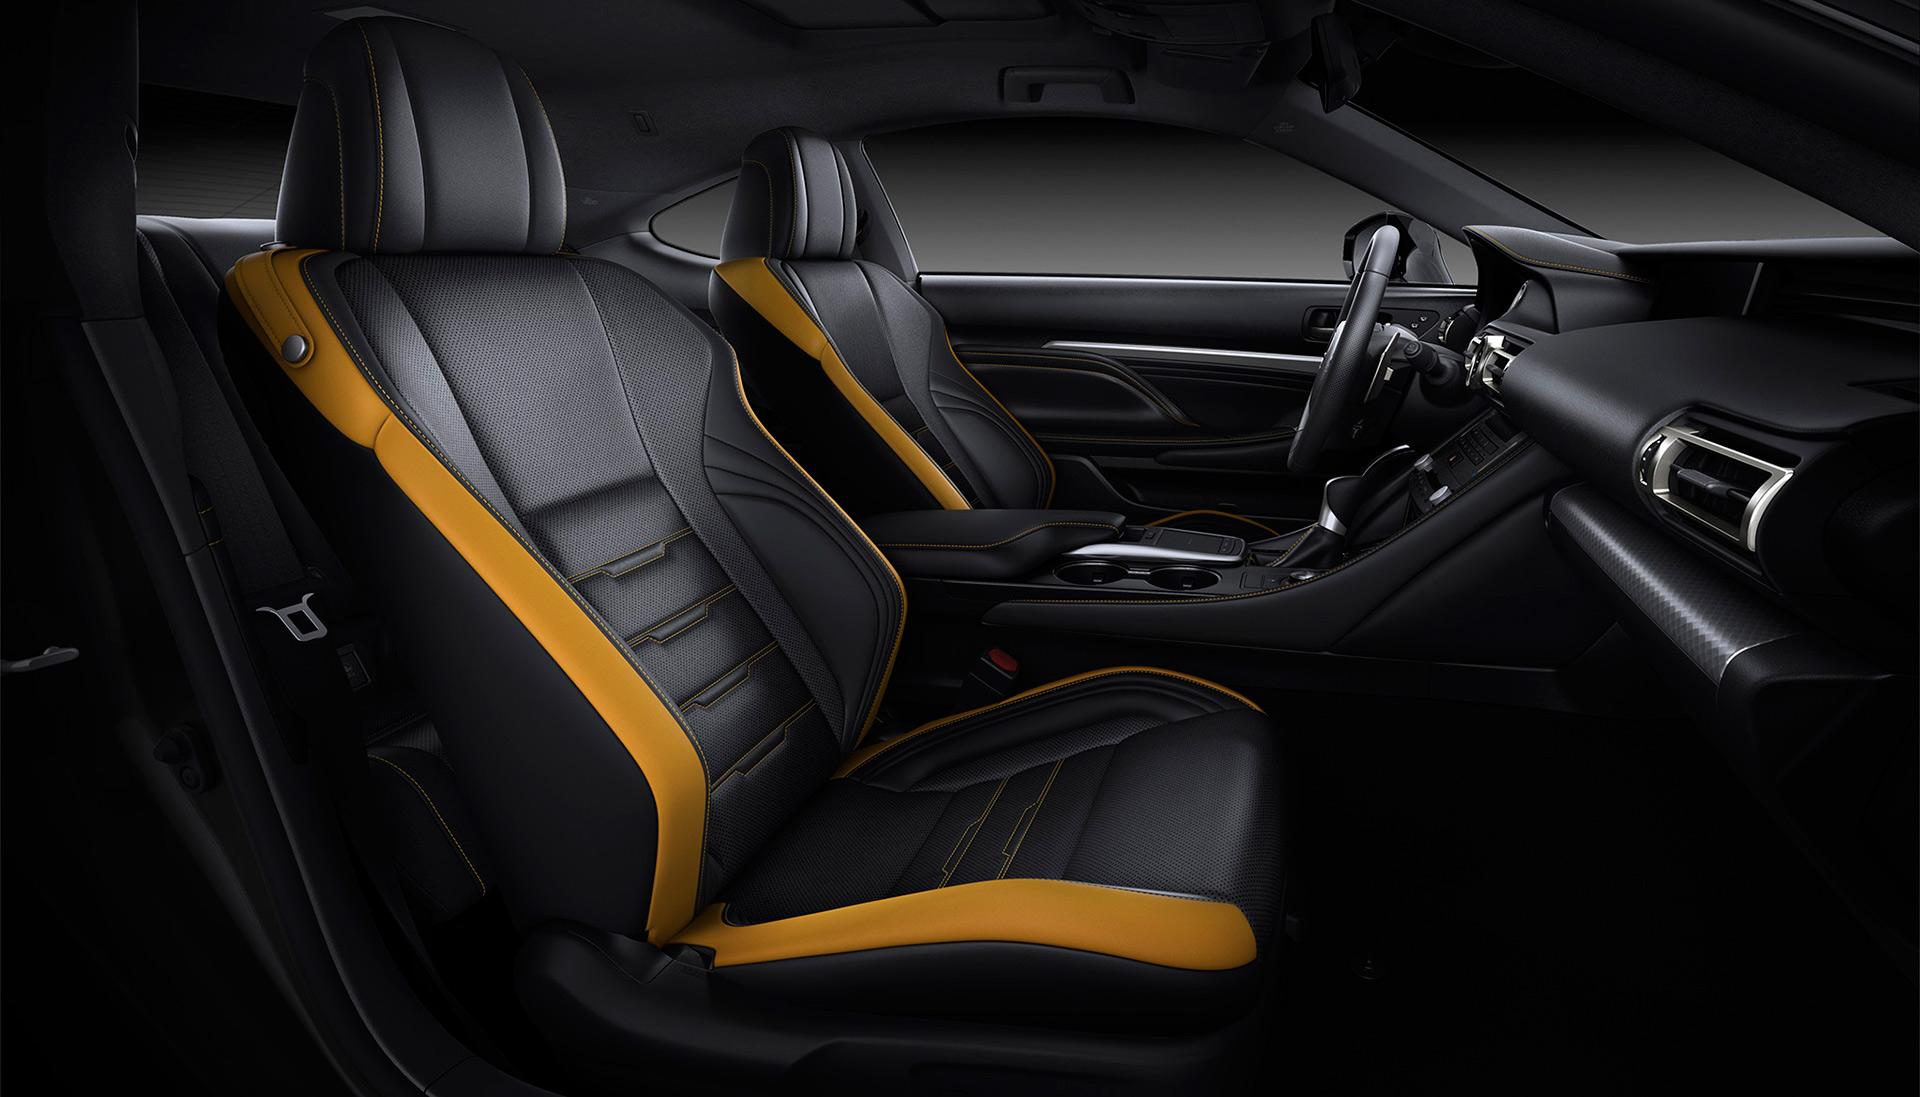 「【新車】レクサスRCがマイナーチェンジ。LC譲りのエレガントな外観と高い走行性能を獲得」の4枚目の画像